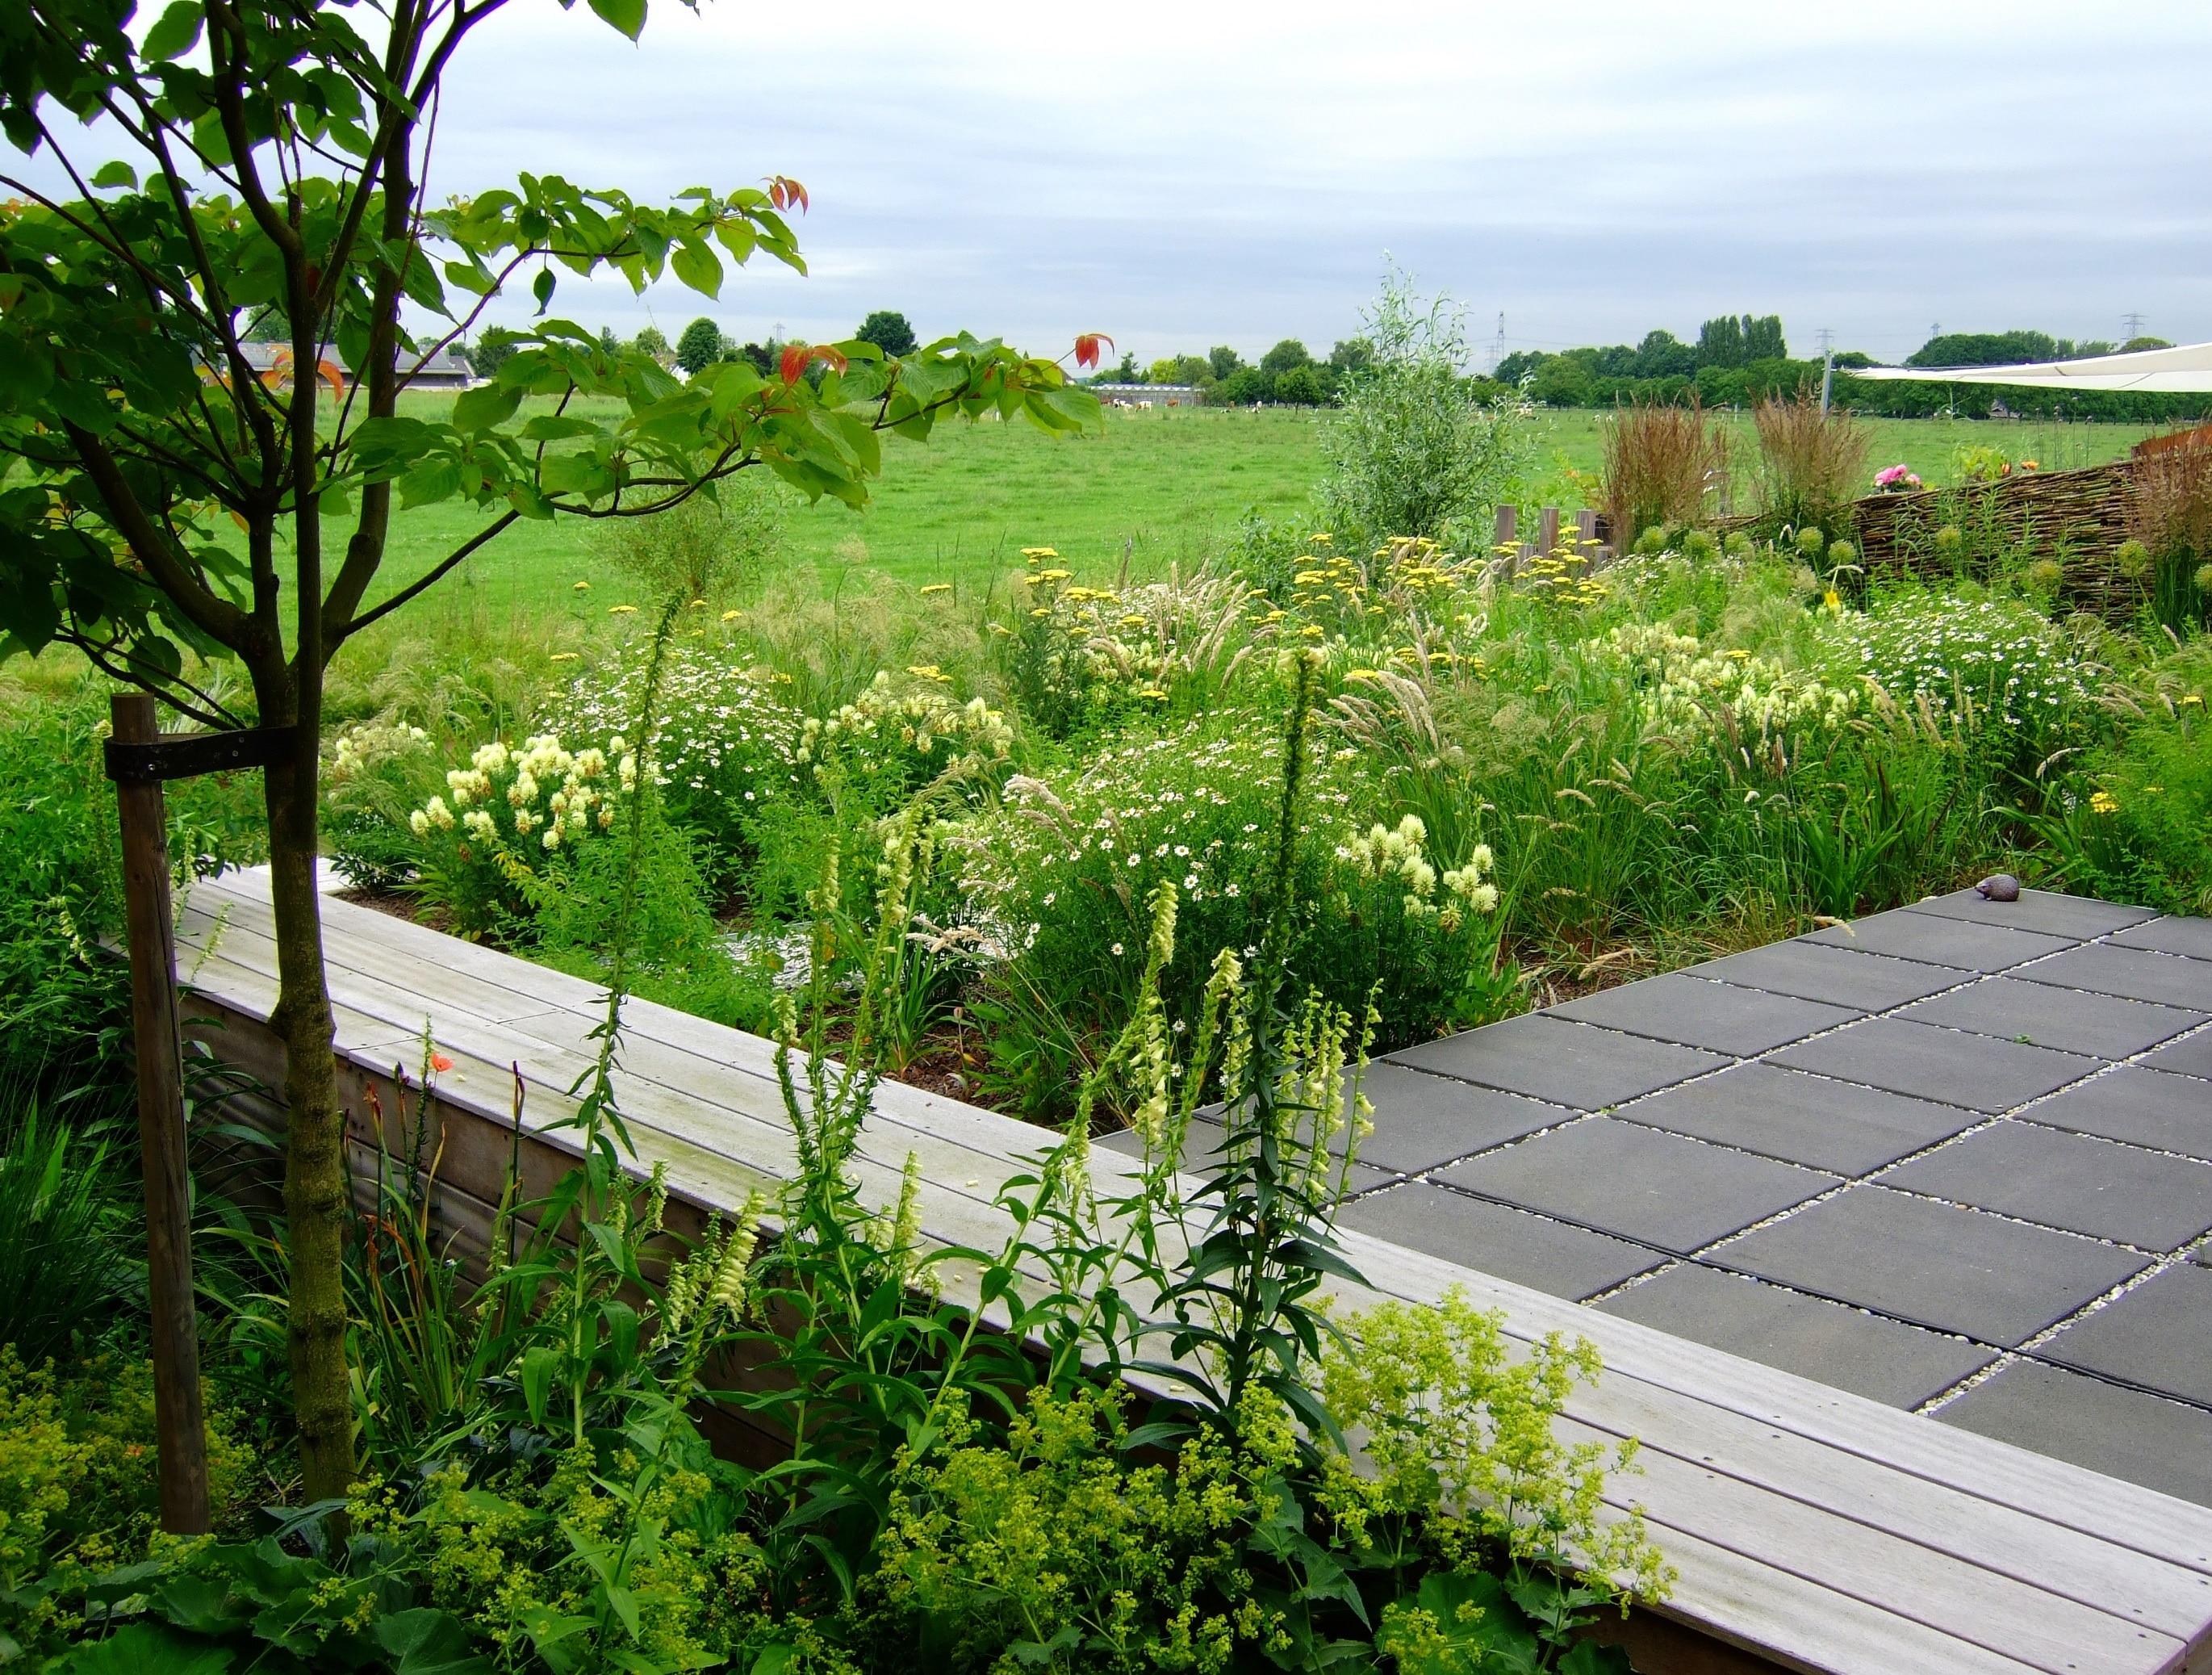 Het terras in de achtertuin is omgeven door natuurlijk for Tuin aanleggen nijmegen